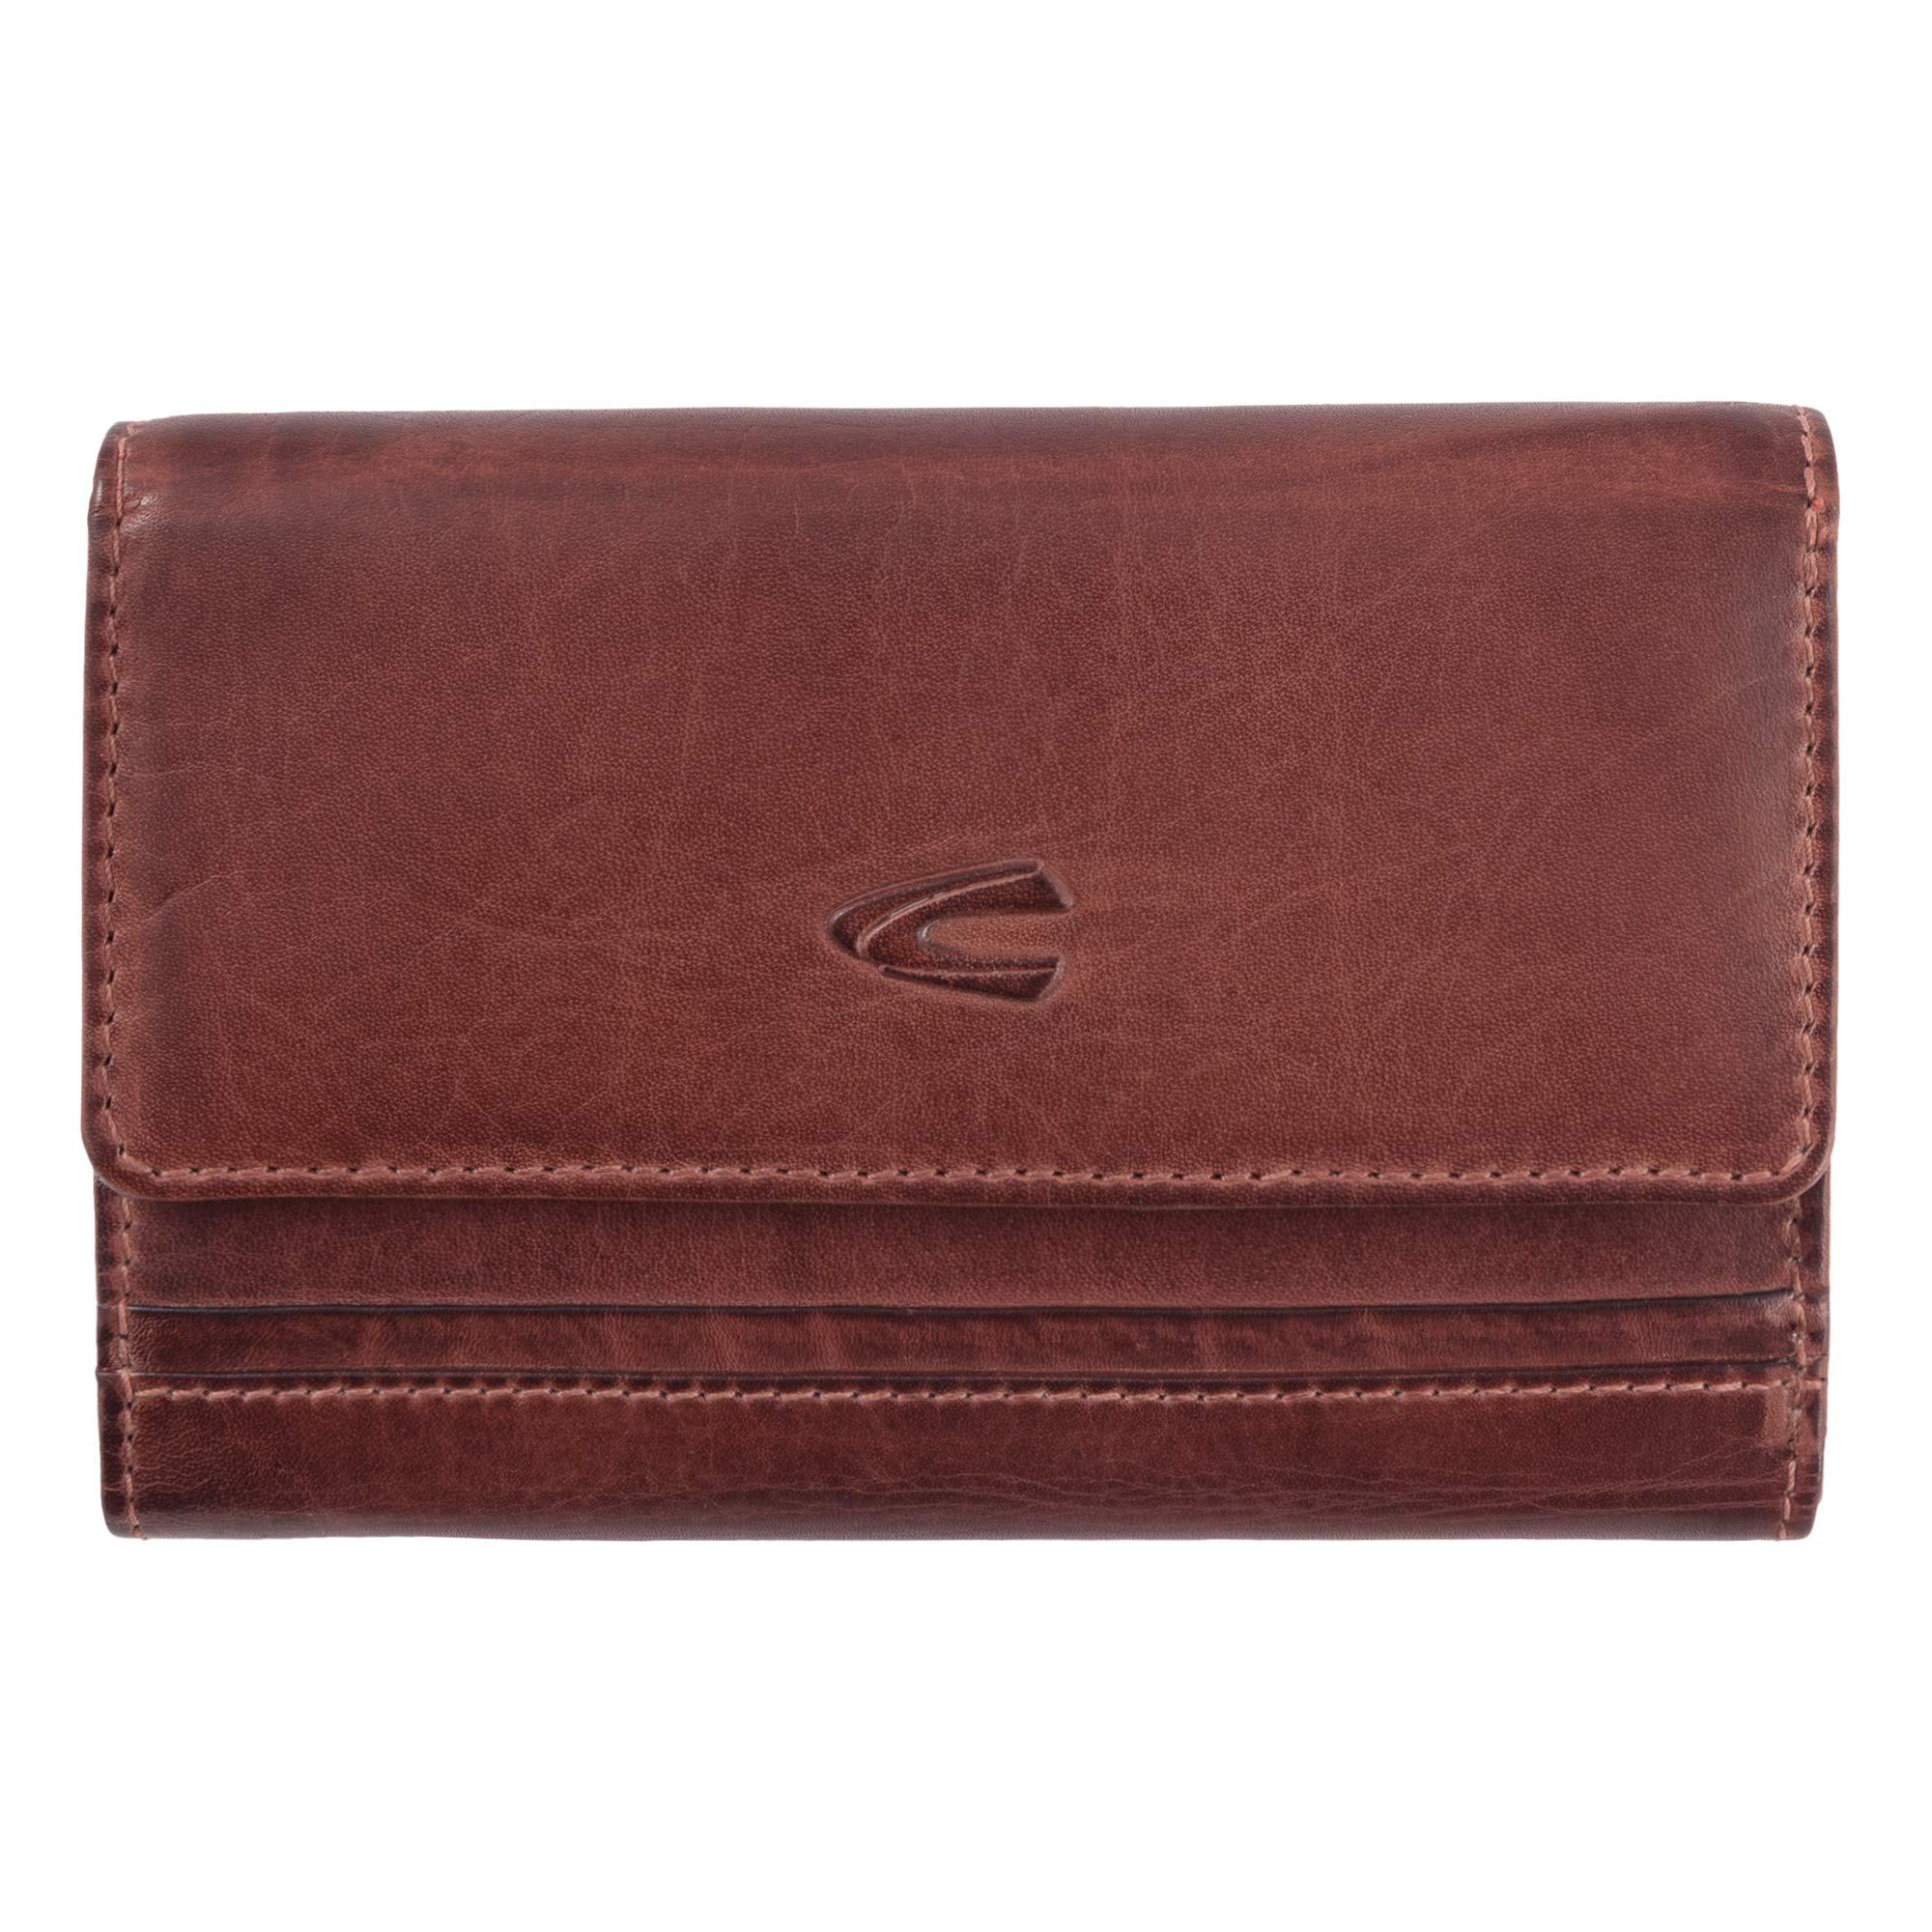 Gabor Handtaschen Taschen 297 703 40 Rot STqQN